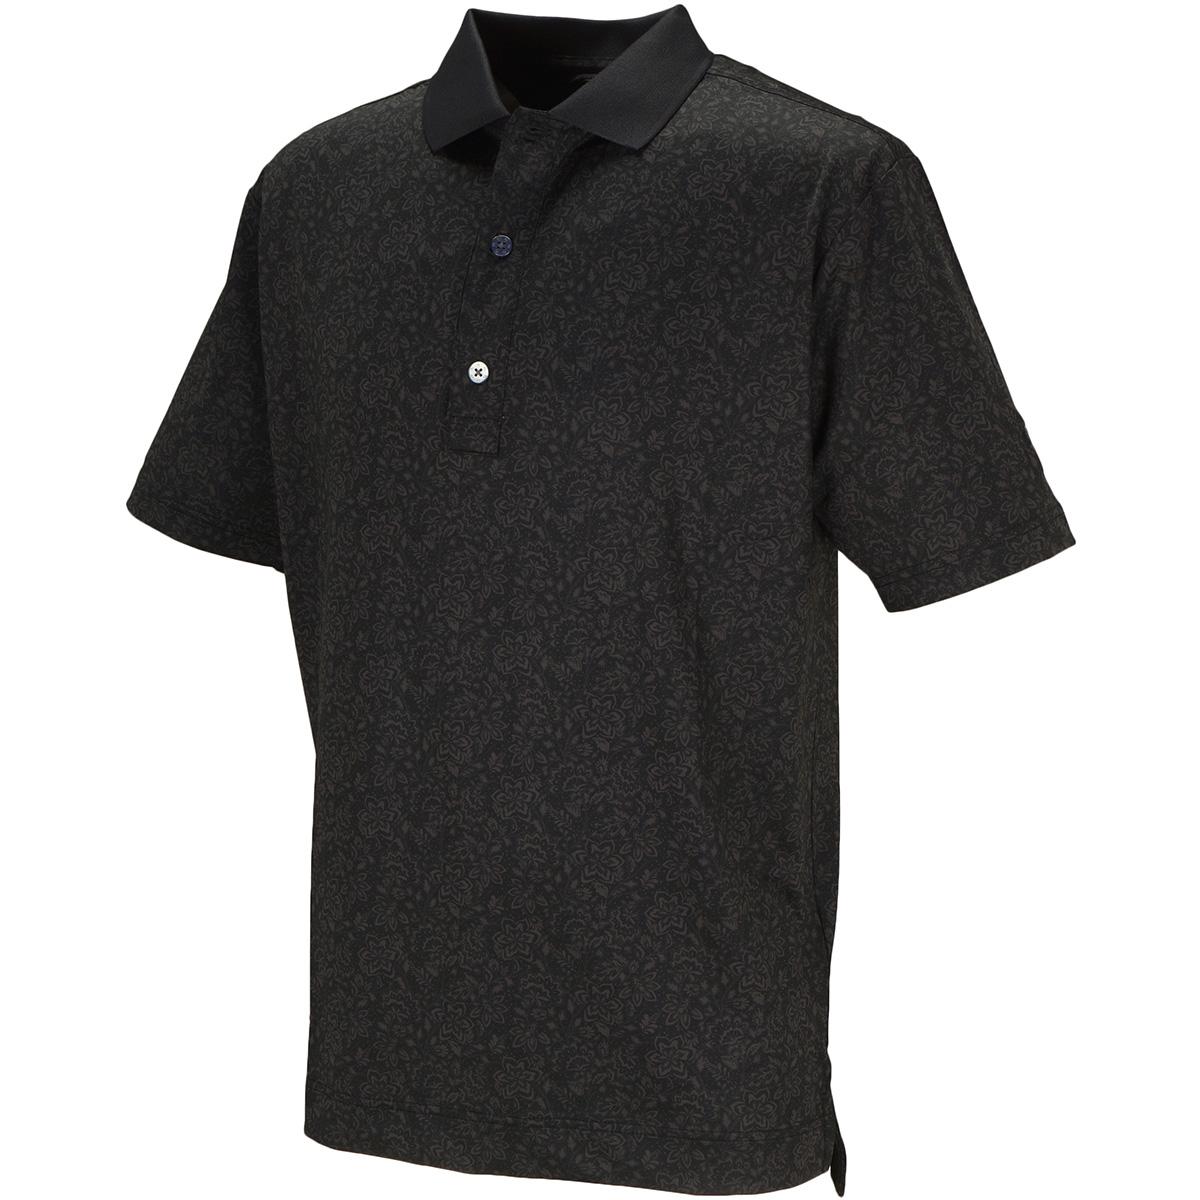 フローラルプリント ストレッチ半袖ポロシャツ